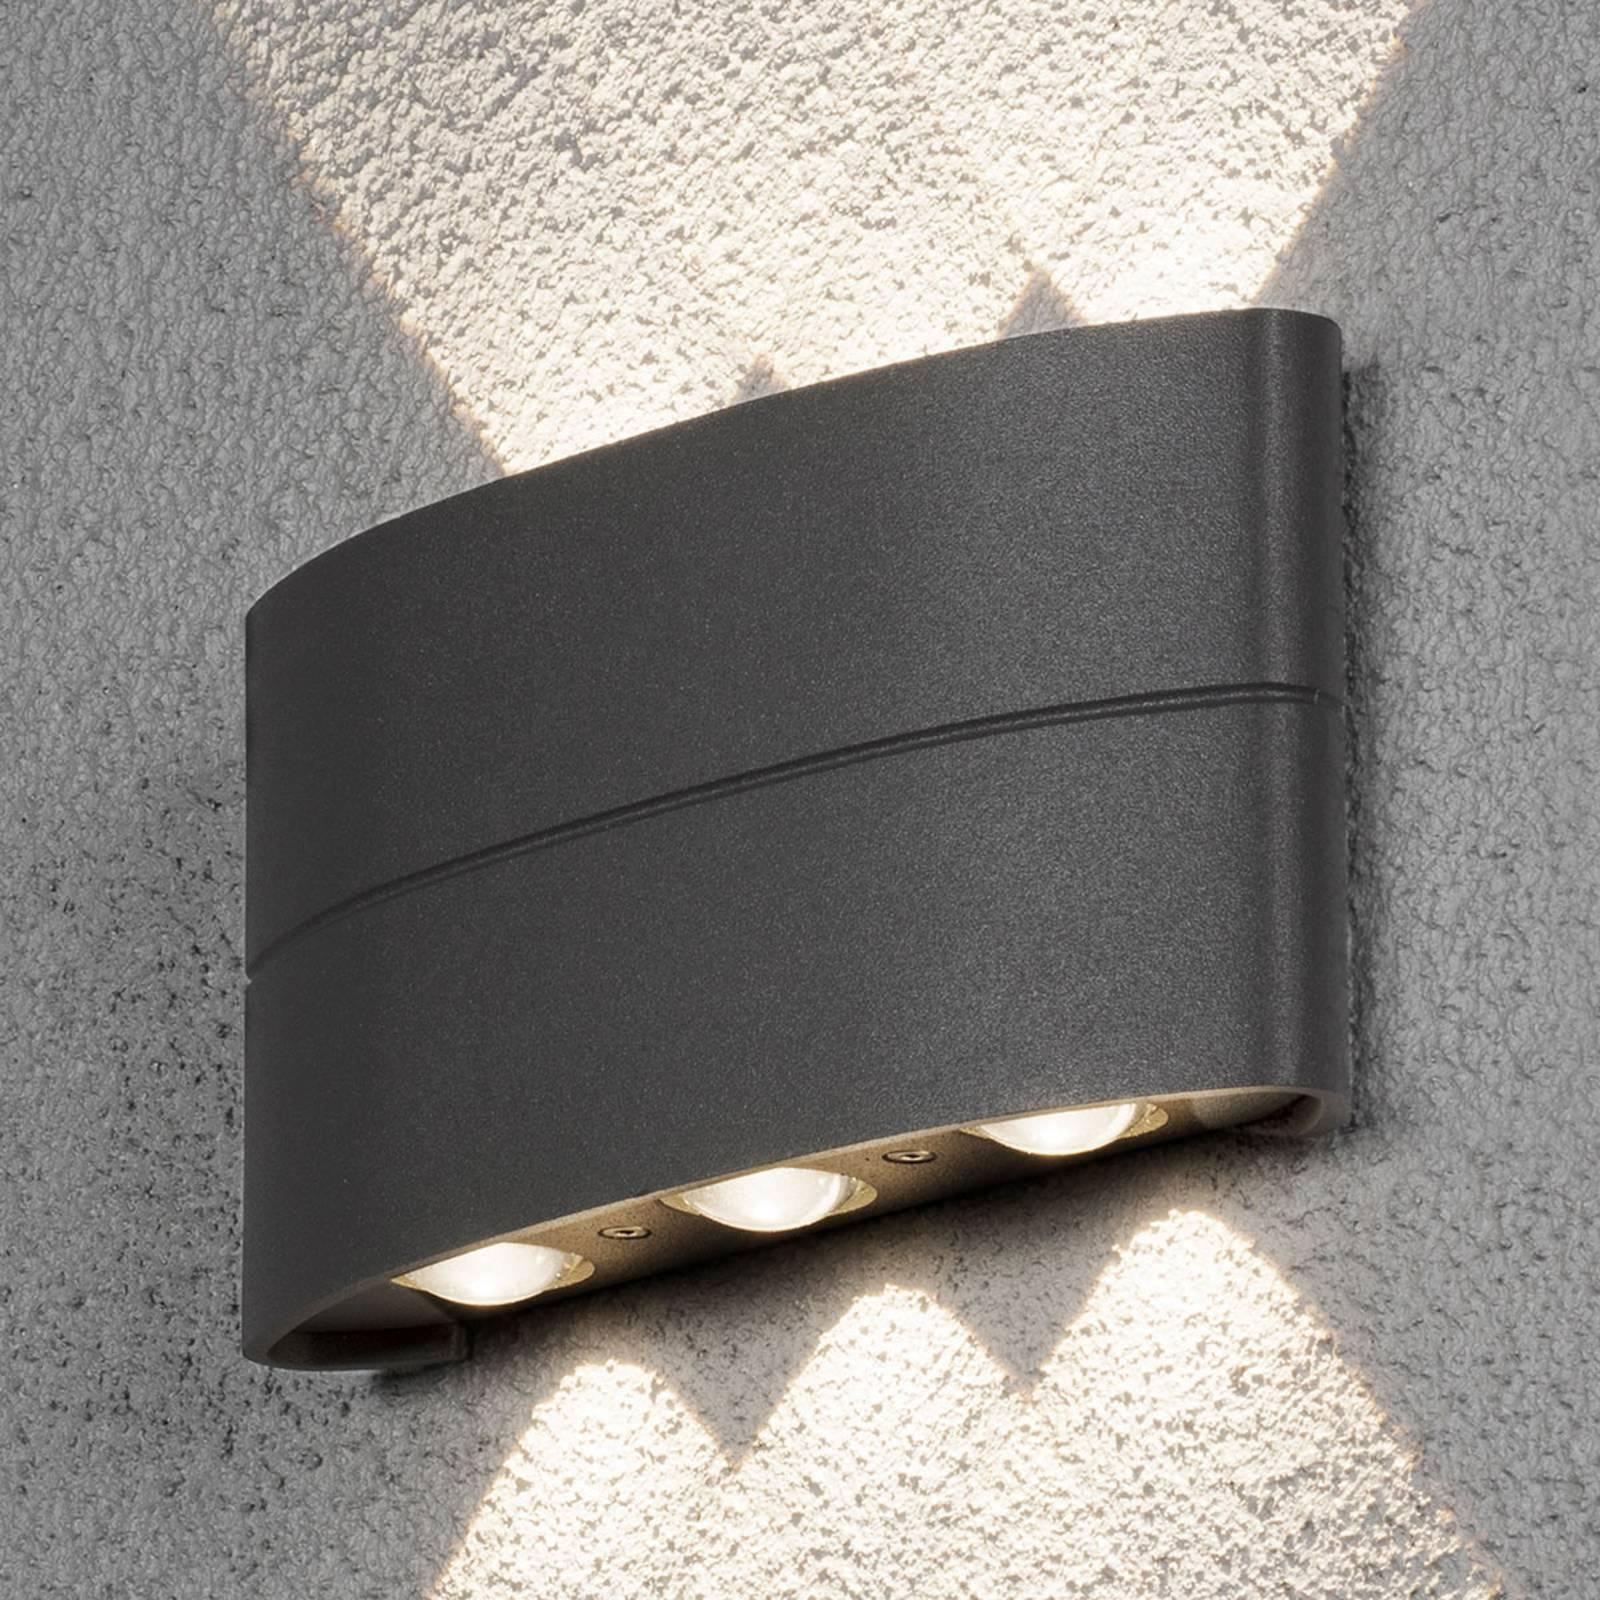 LED buitenwandlamp Chieri met effectief licht